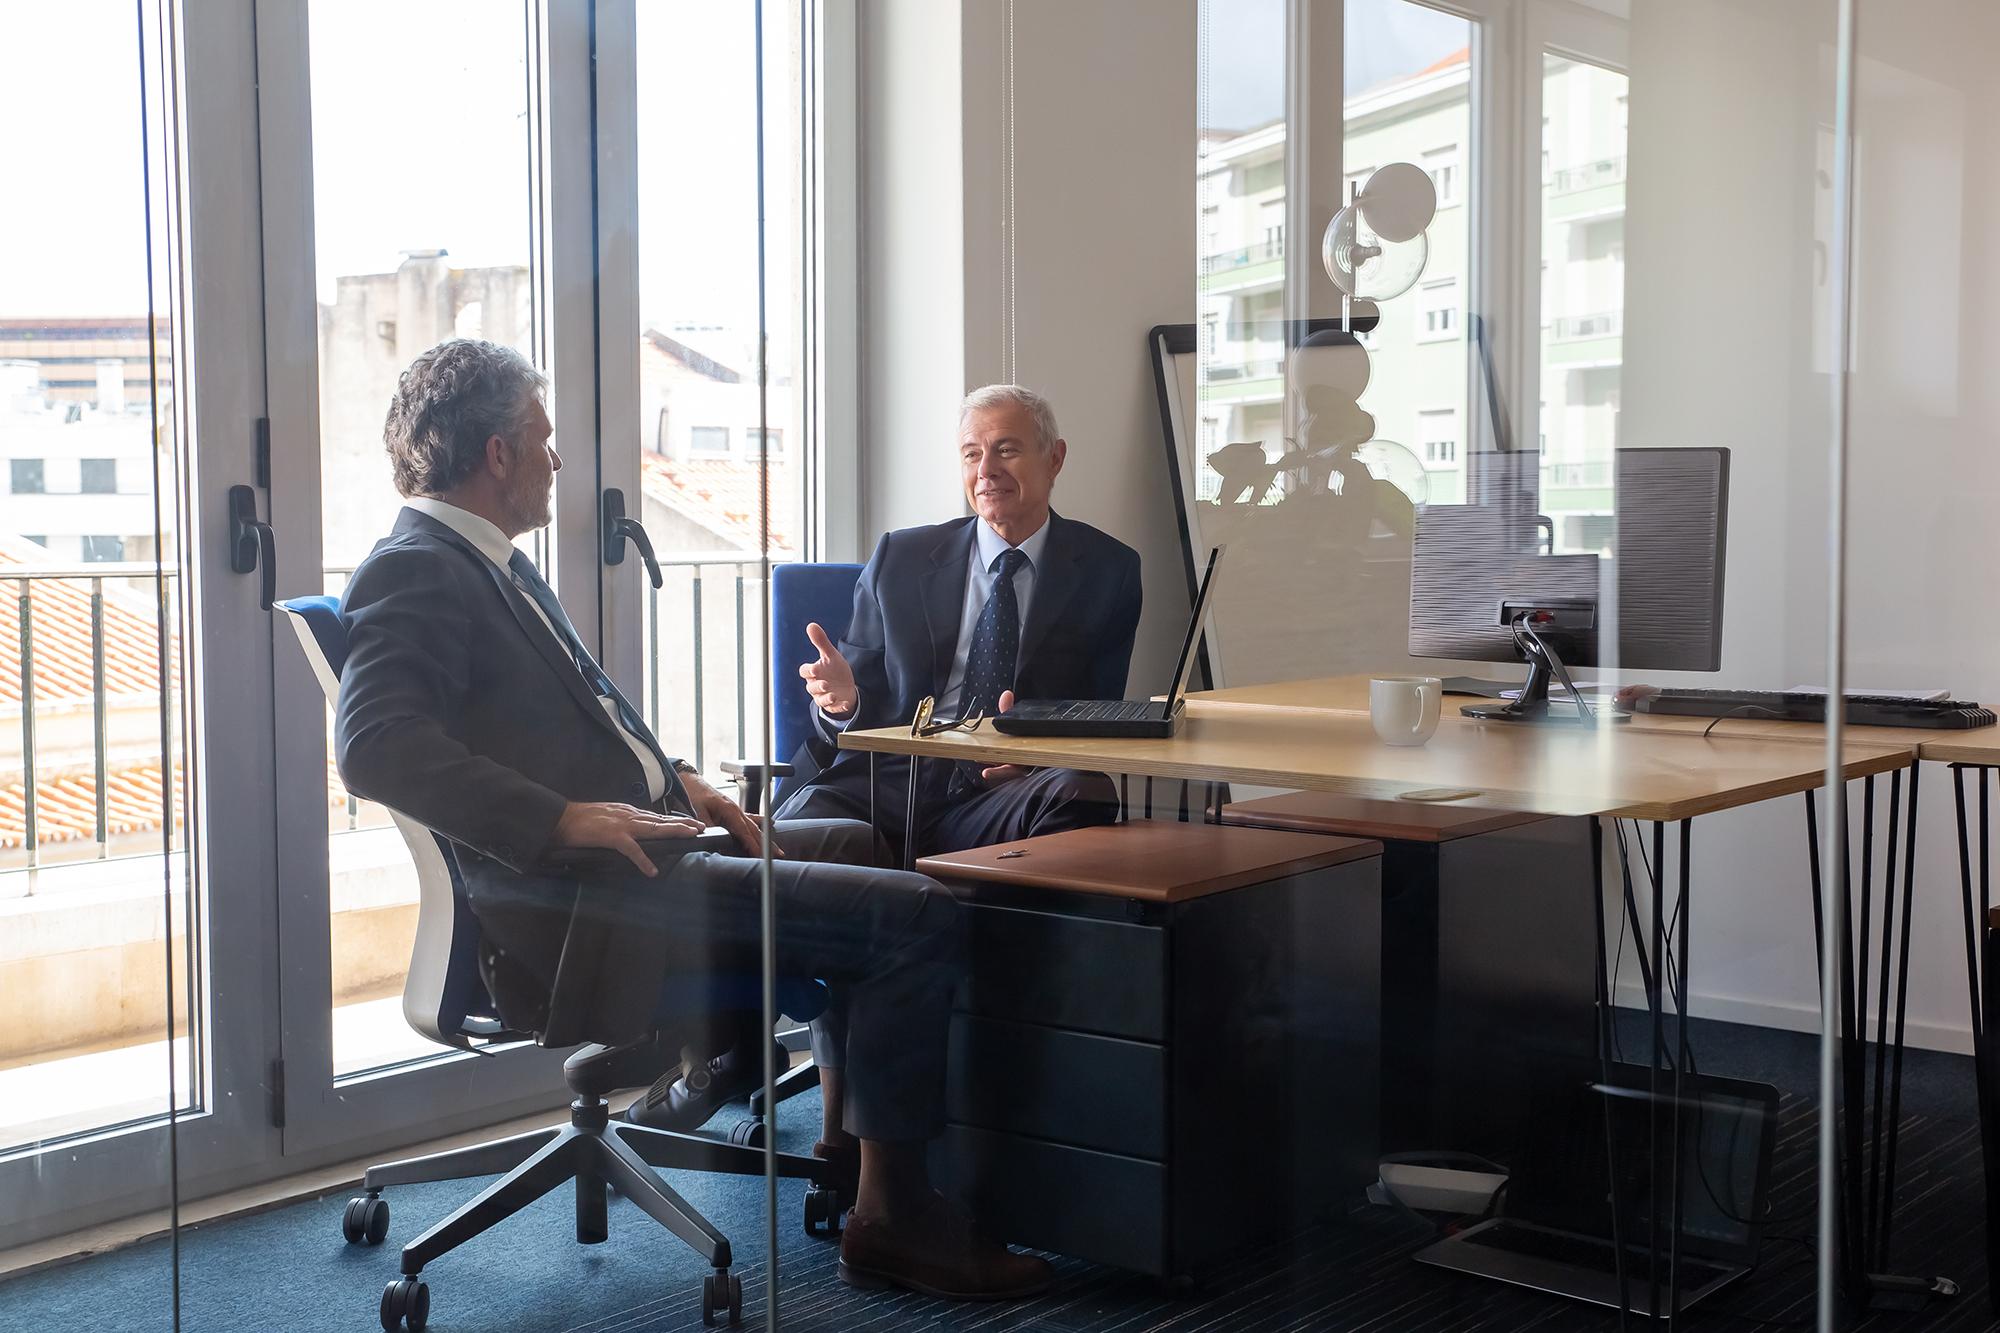 Men sitting in office